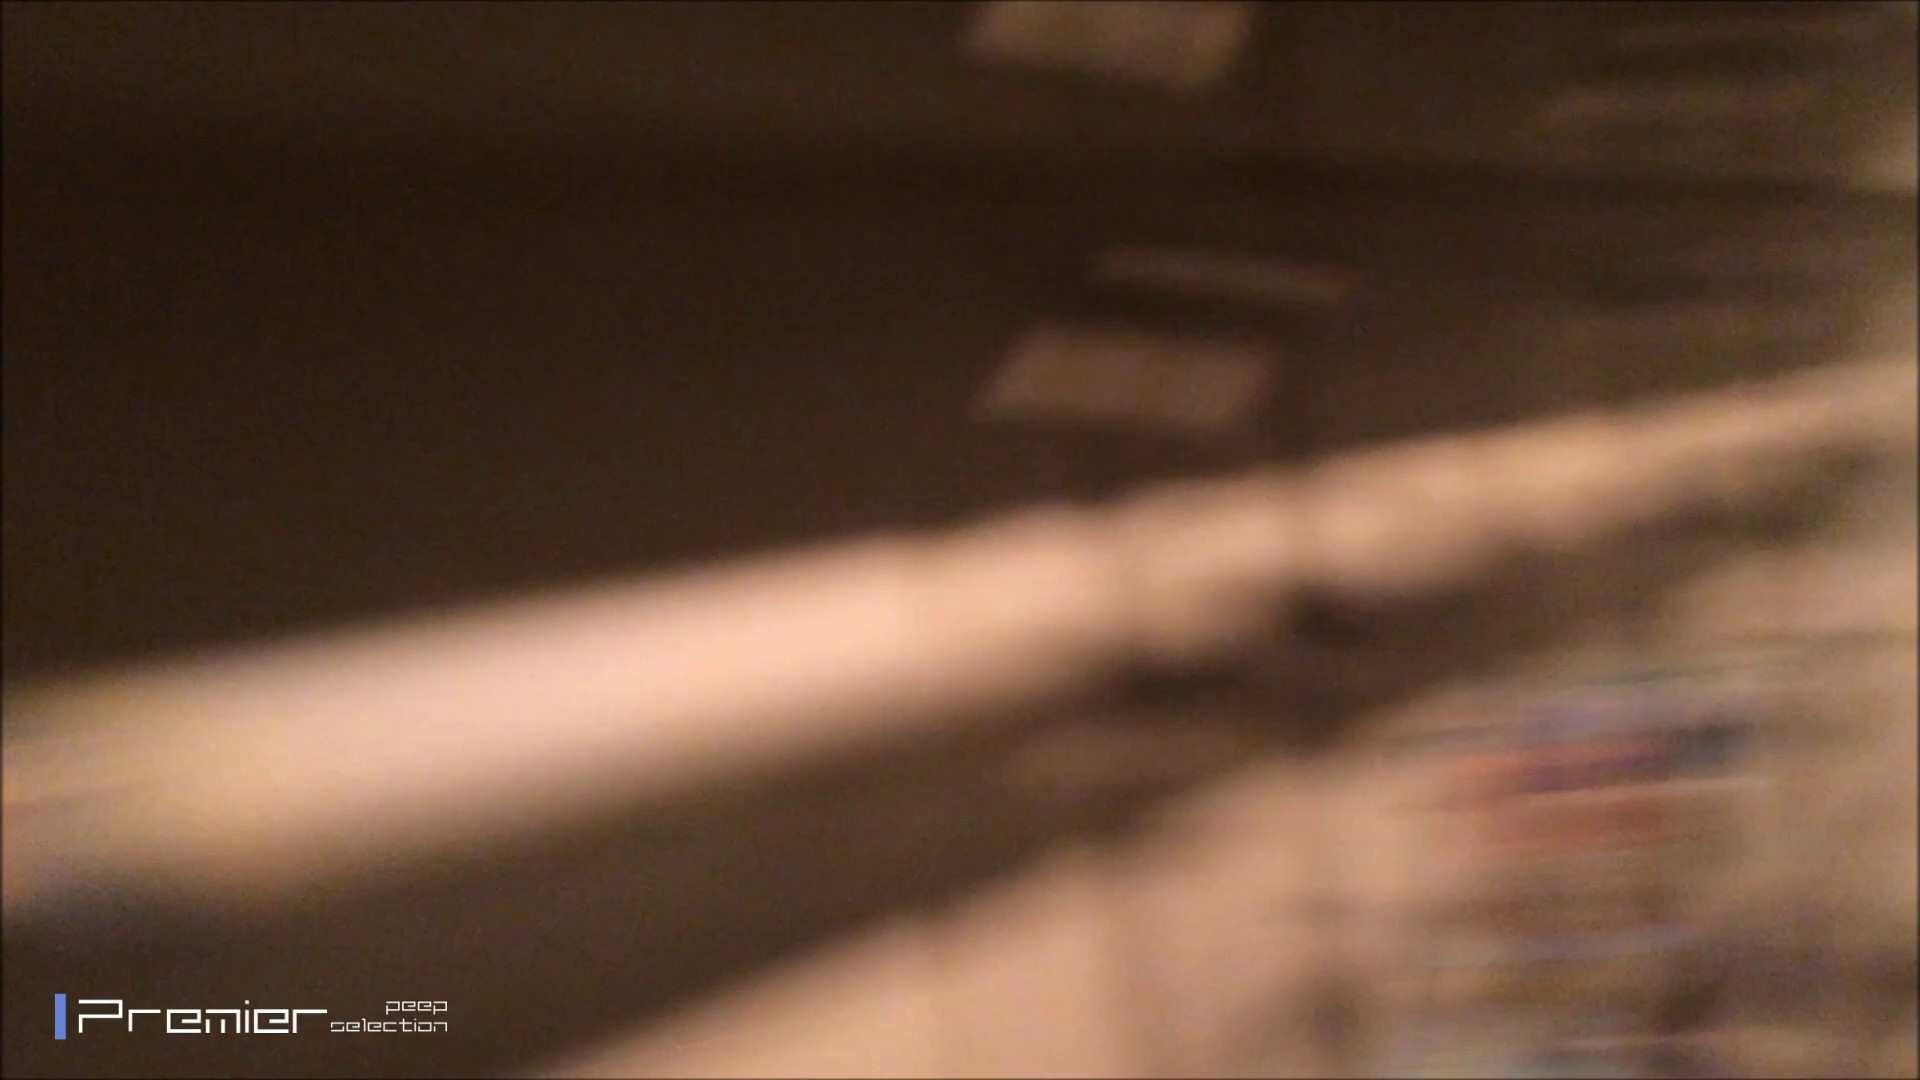 高画質フルハイビジョン スレンダー美女の入浴 乙女の風呂場 Vol.04 OLハメ撮り  94Pix 17